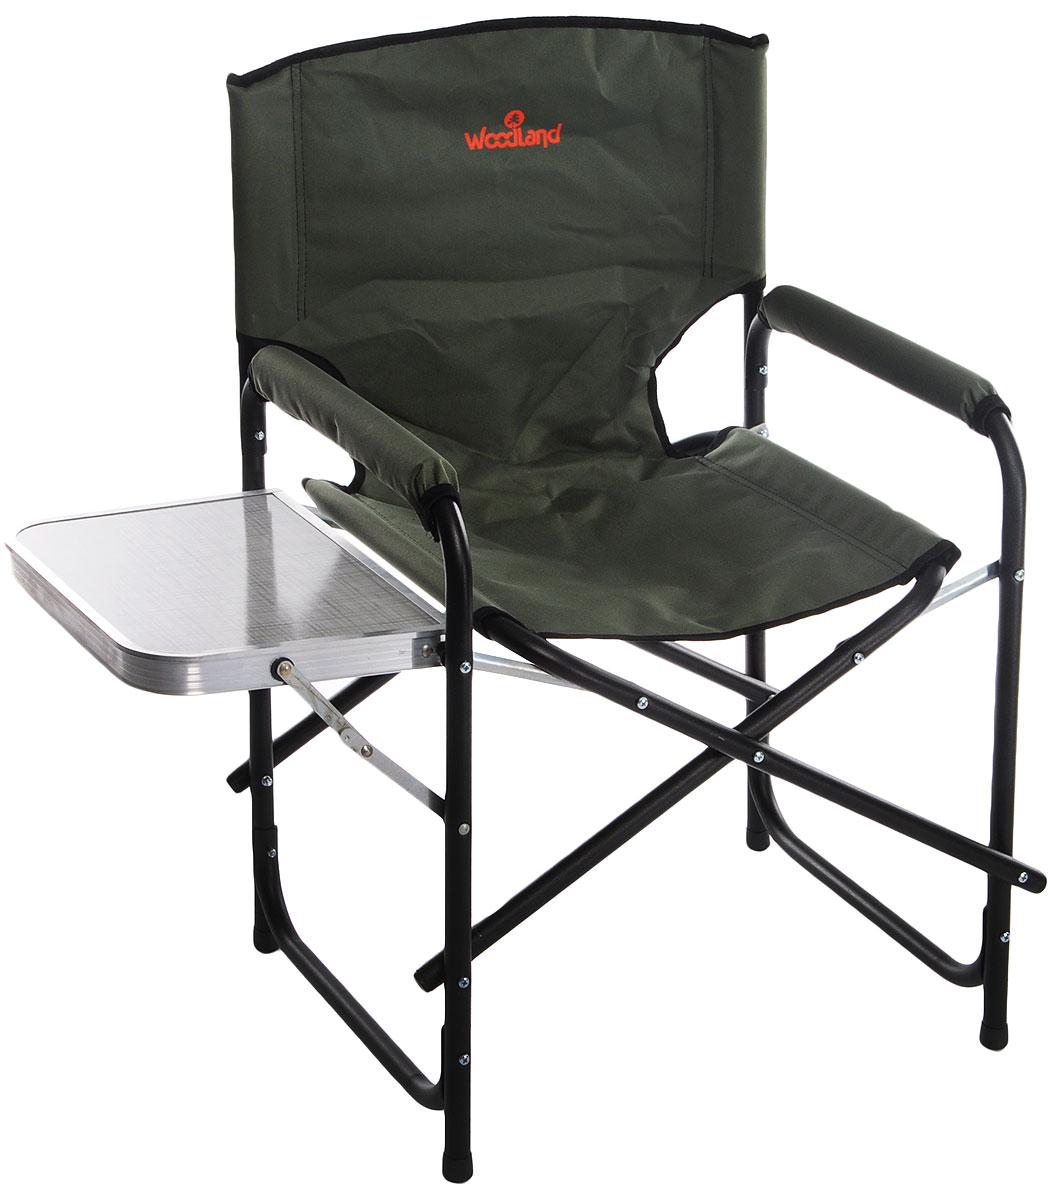 Кресло складное Woodland Fisherman, цвет: зеленый, черный, 55 х 47 х 80 см